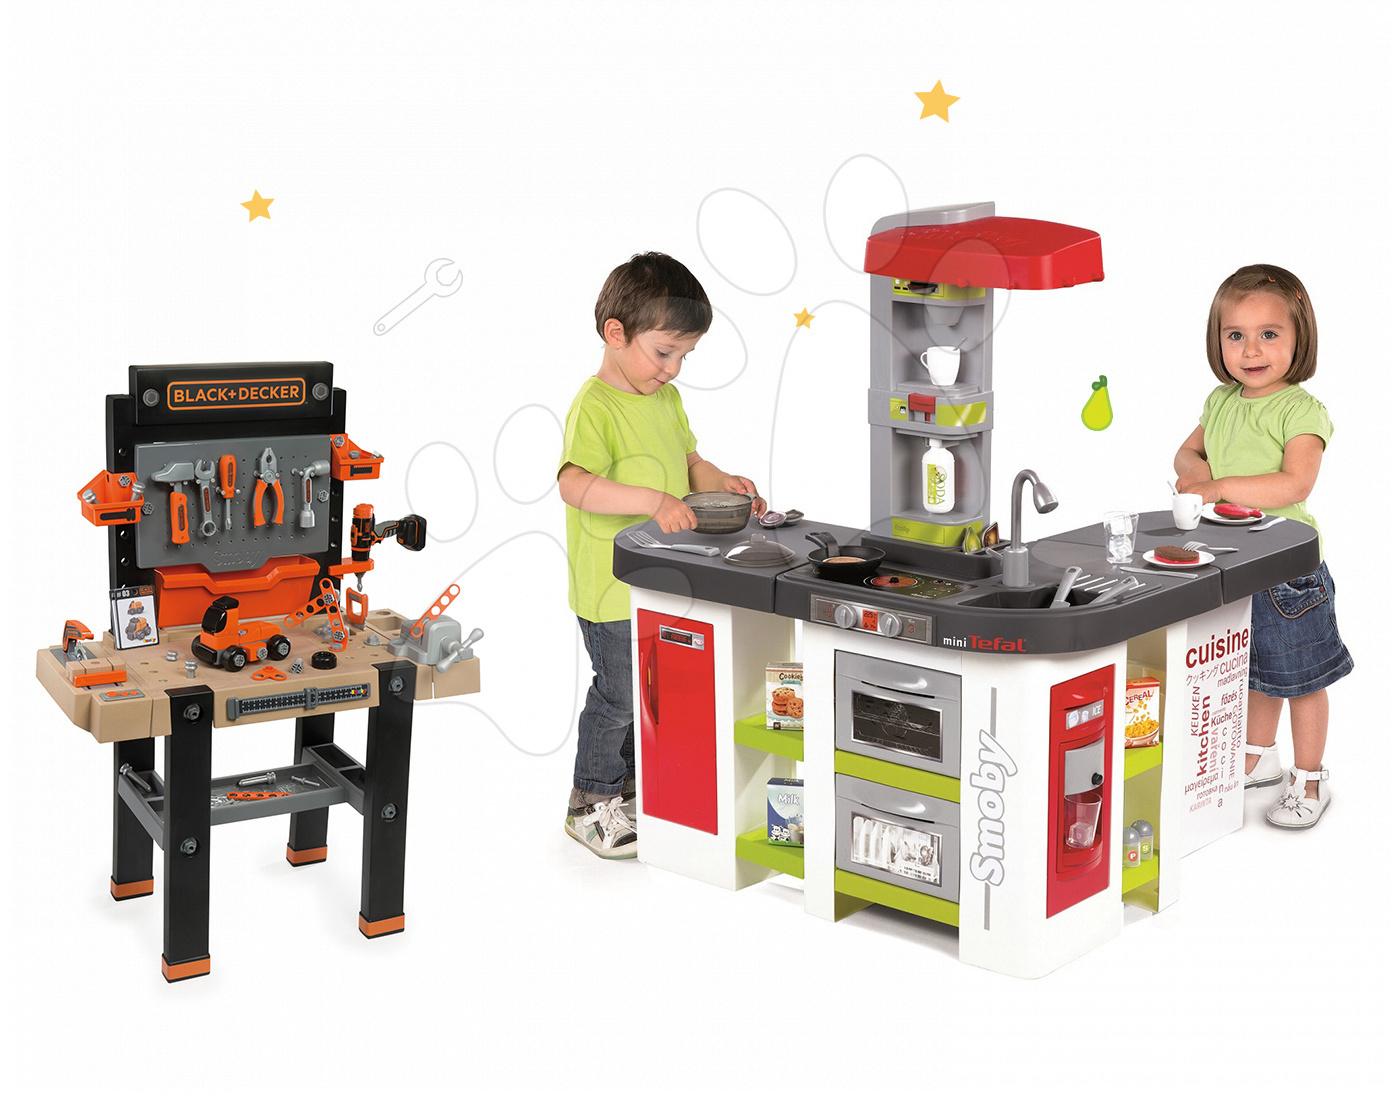 Set kuchyňka pro děti Tefal Studio XXL Smoby elektronická s magickým bubláním a pracovní dílna Black + Decker s vrtačkou